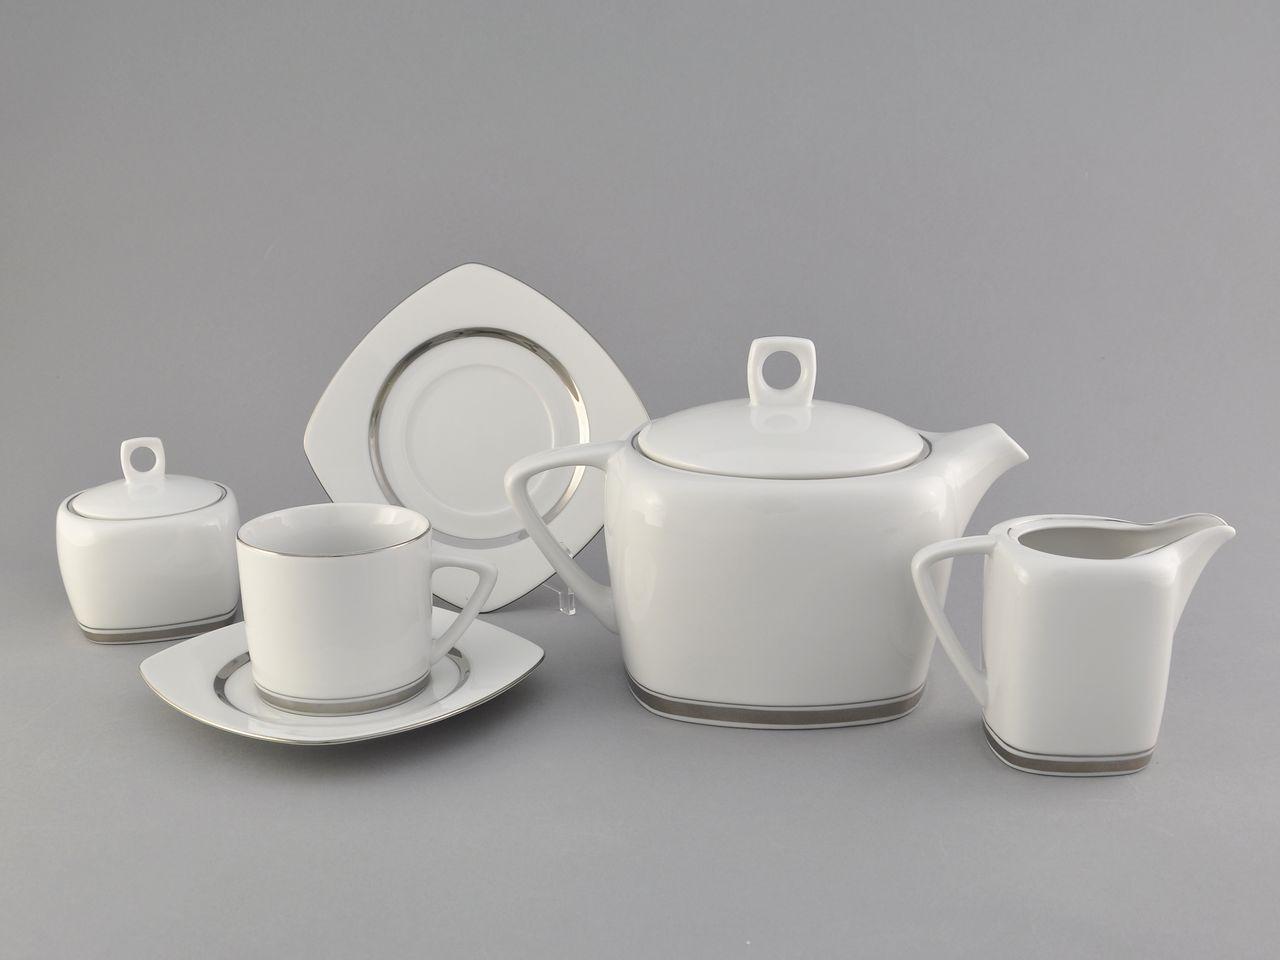 Фото Сервиз чайный 15 предметов на 6 персон Форма Бьянка Айсберг